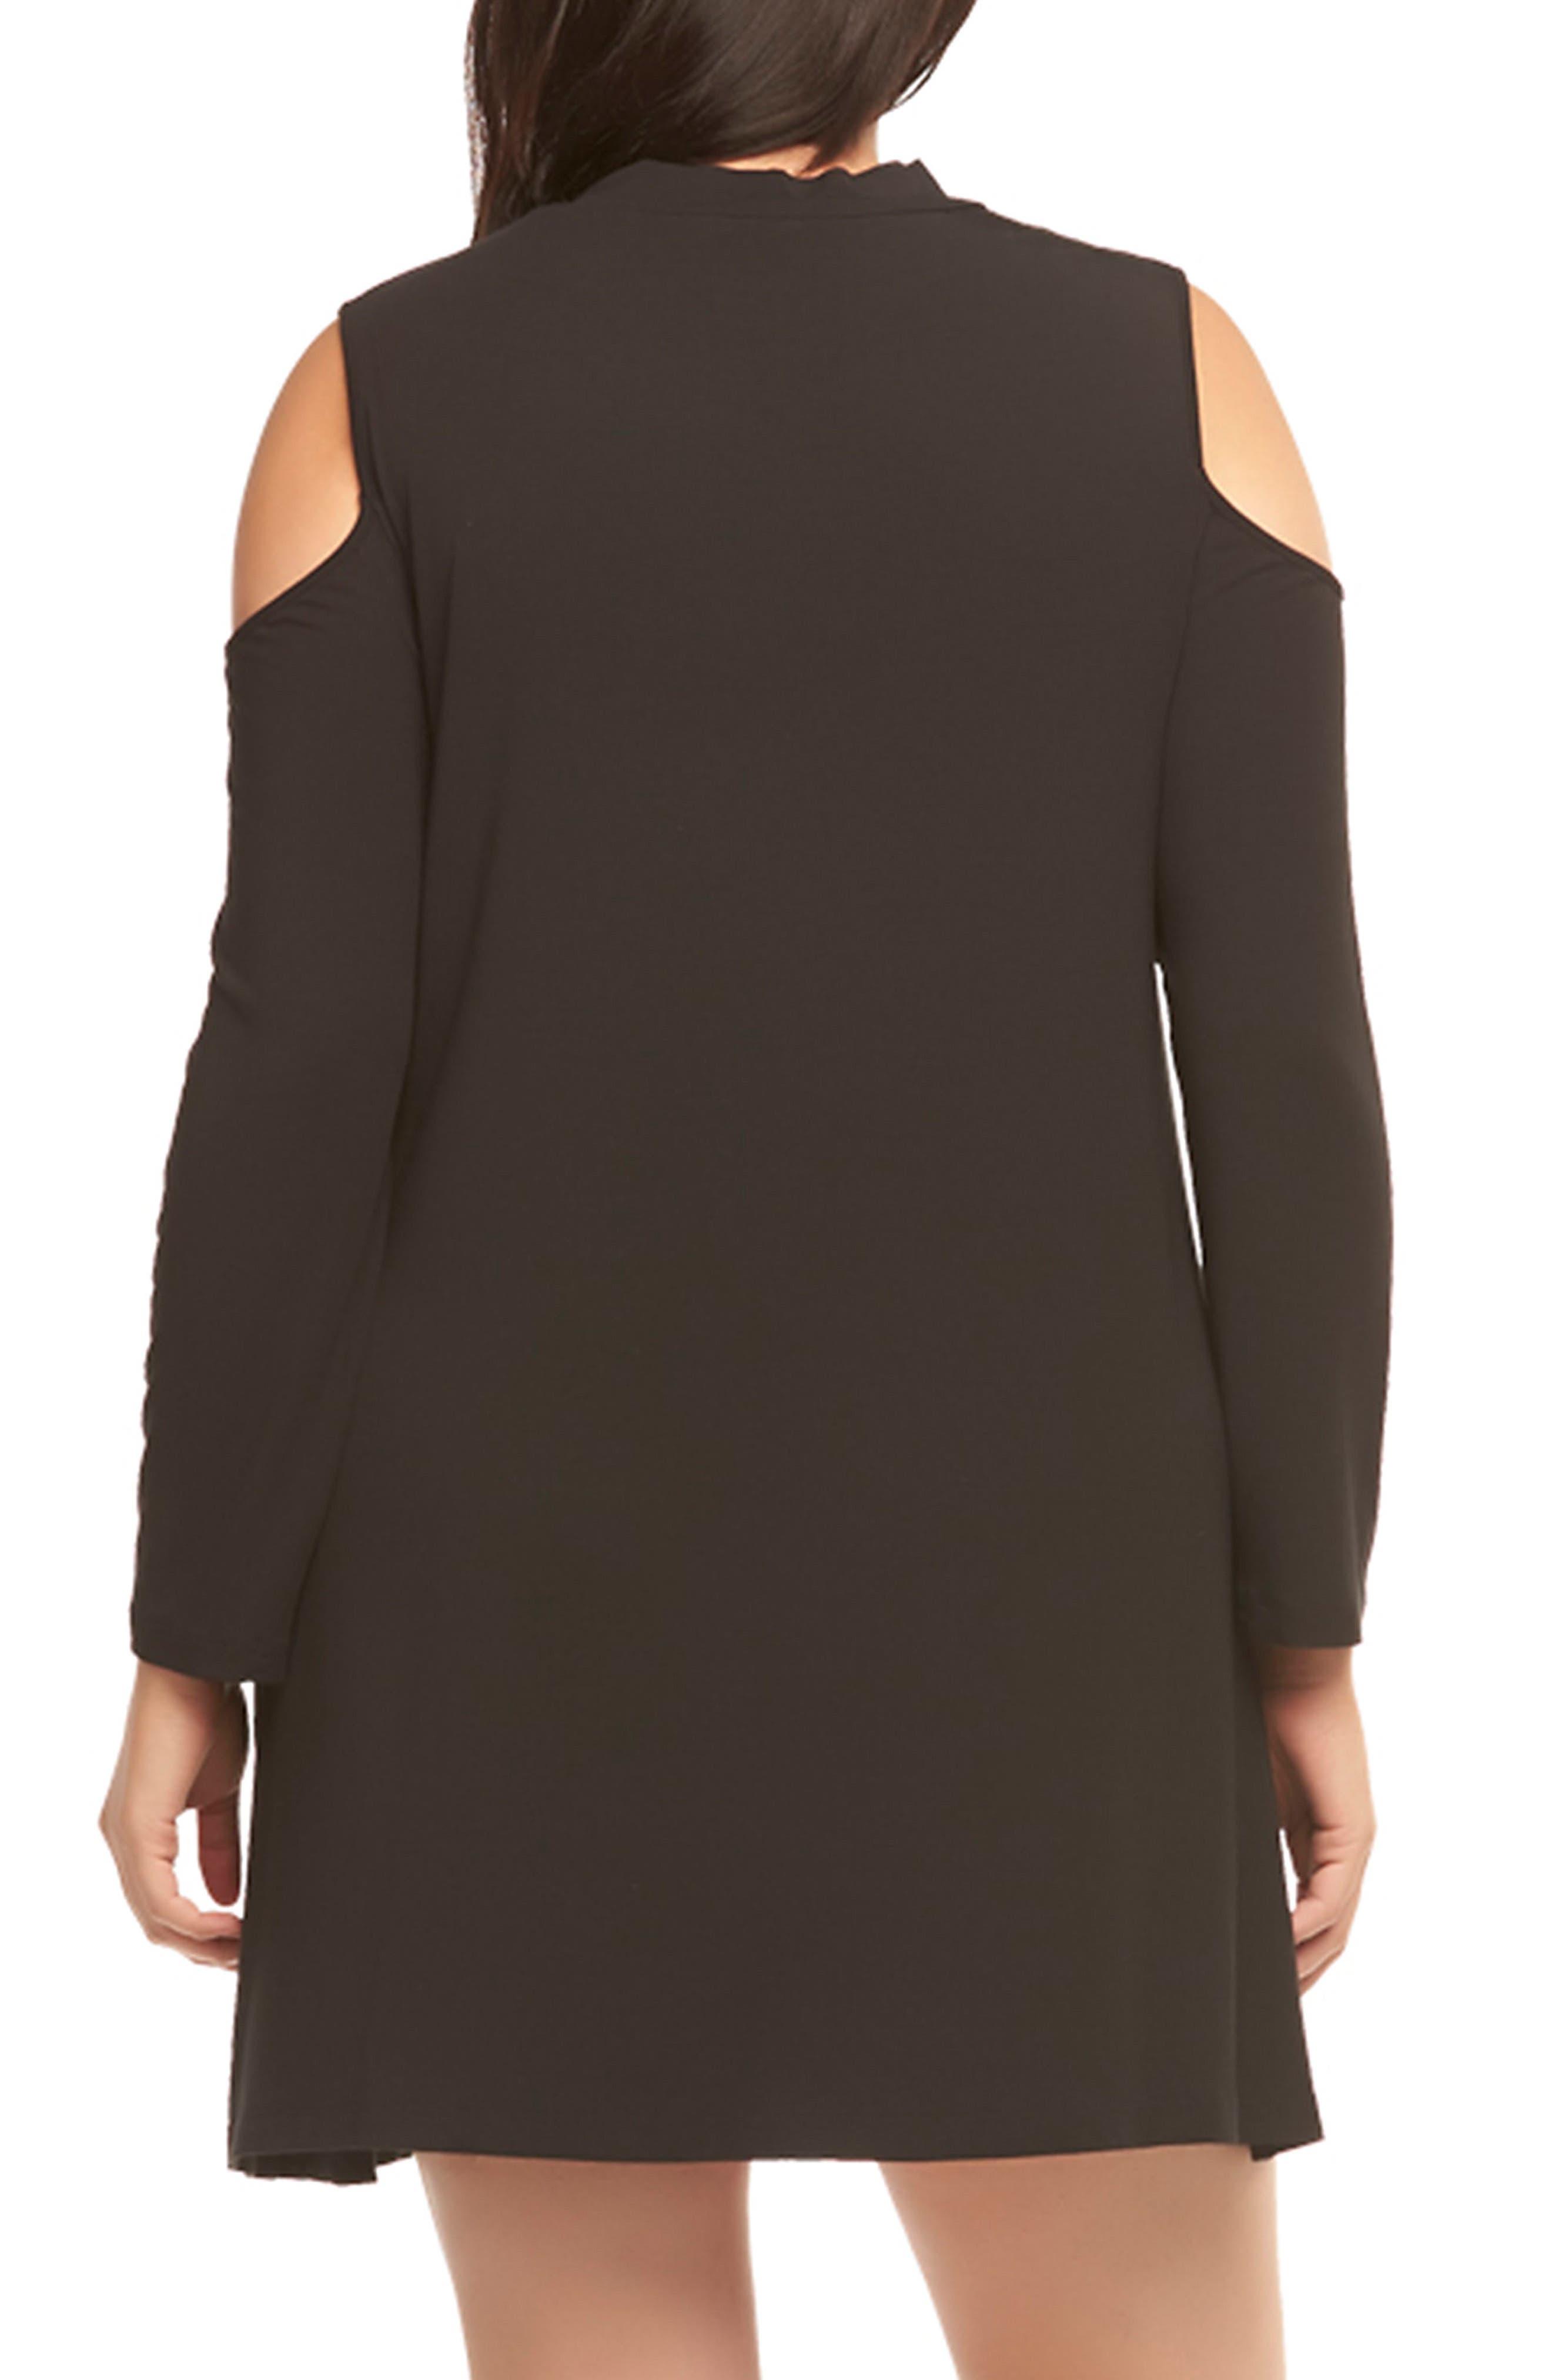 Kailey Cold Shoulder Trapeze Dress,                             Alternate thumbnail 2, color,                             BLACK